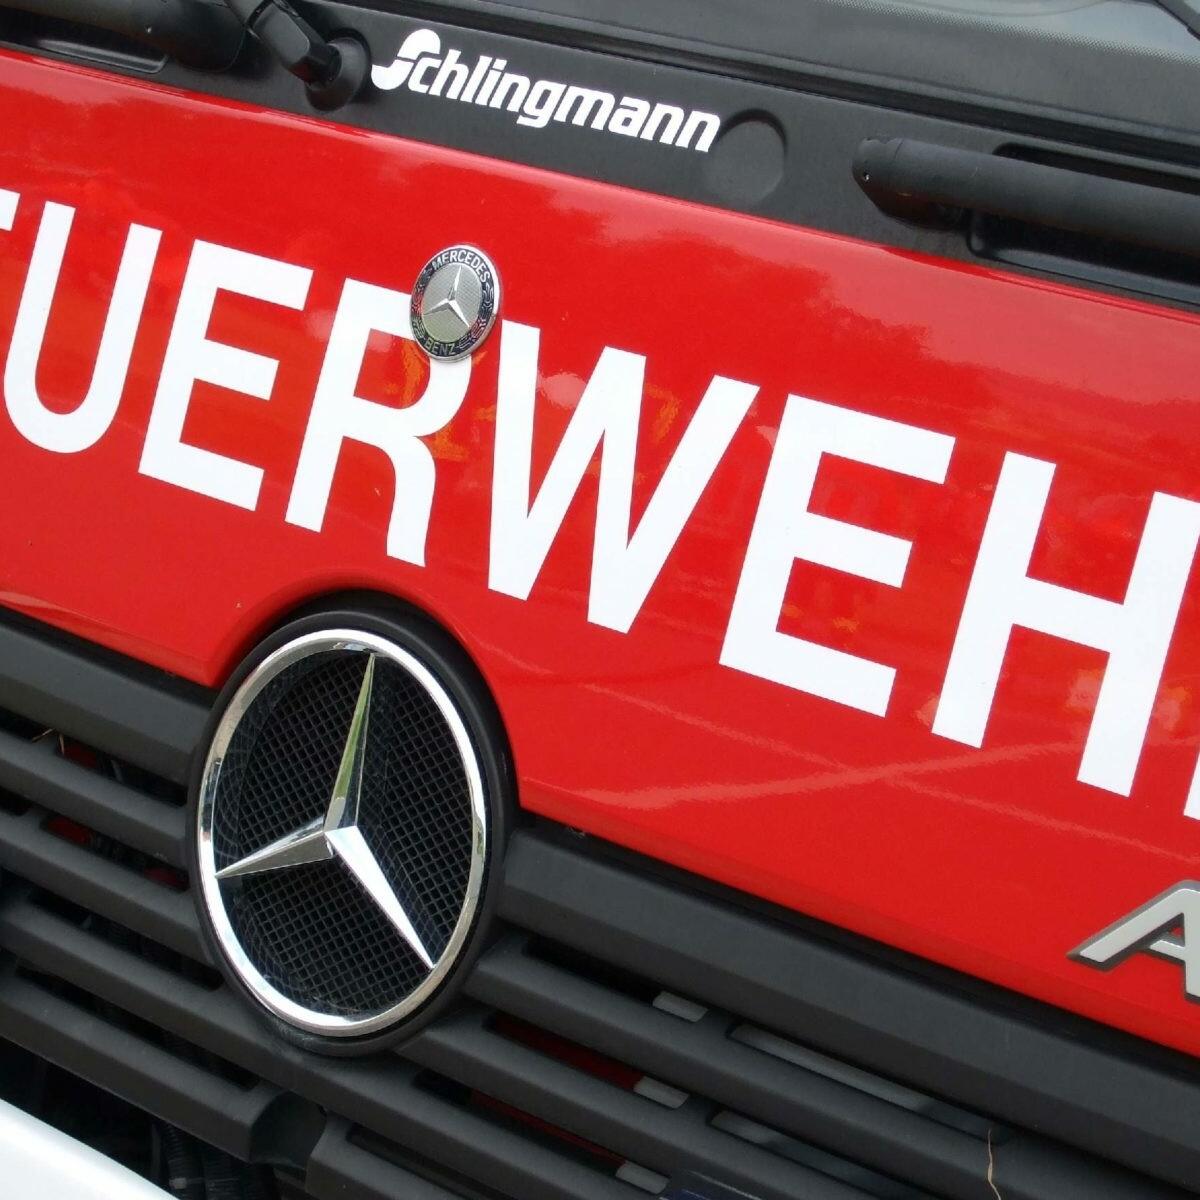 feuerwehrwagen2_Der abwehrende Brandschutz - eine wichtige Aufgabe der Feuerwehr Foto_Archiv